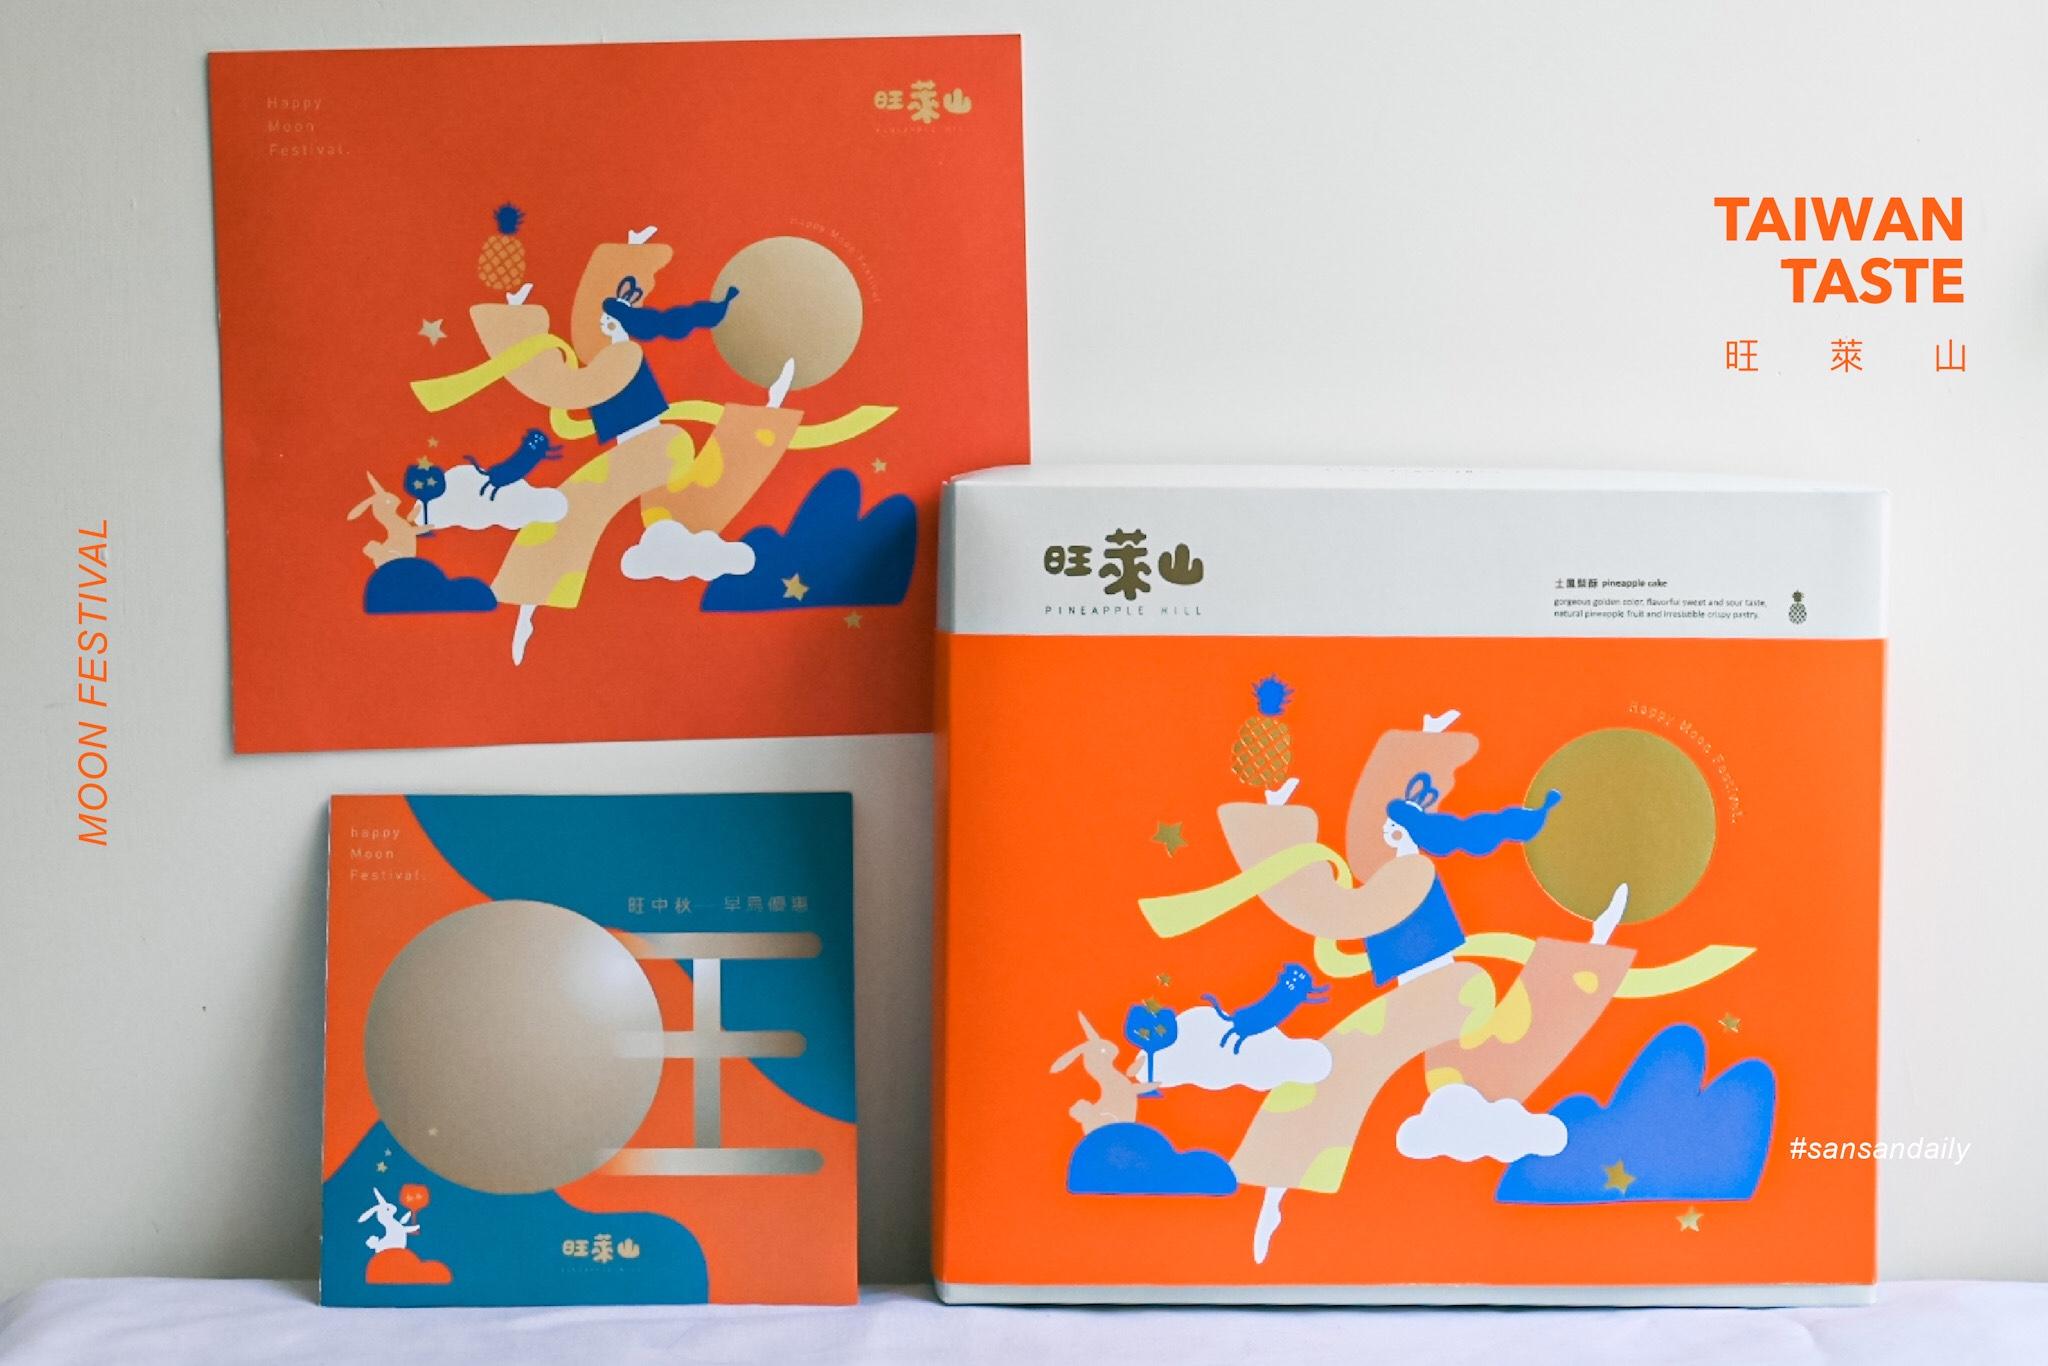 最愛的酸甜土鳳梨酥【旺萊山】 中秋禮盒 鳳梨酒醋禮盒開箱|sansan開箱